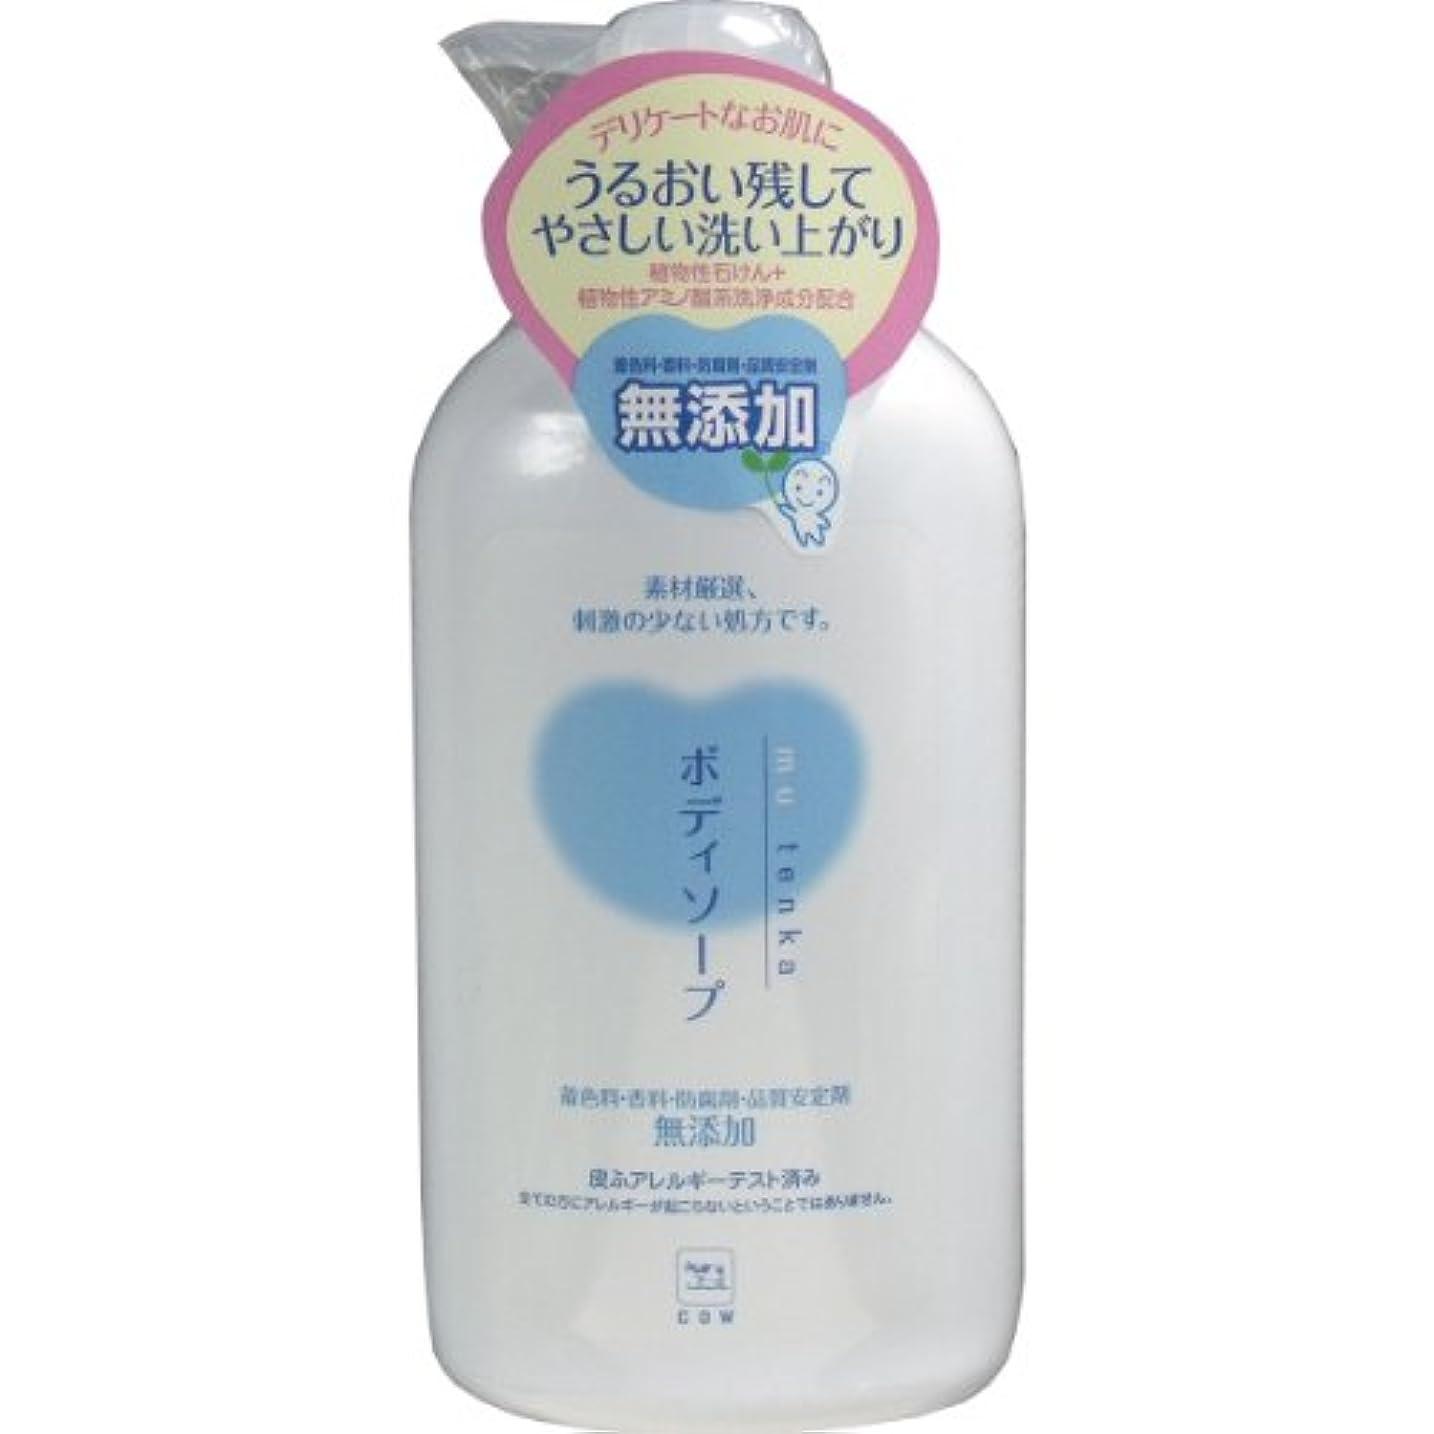 襟知覚できる感謝する牛乳石鹸共進社 カウブランド 無添加ボディソープ ポンプ 550ml 本体 ×12点セット (4901525929707)